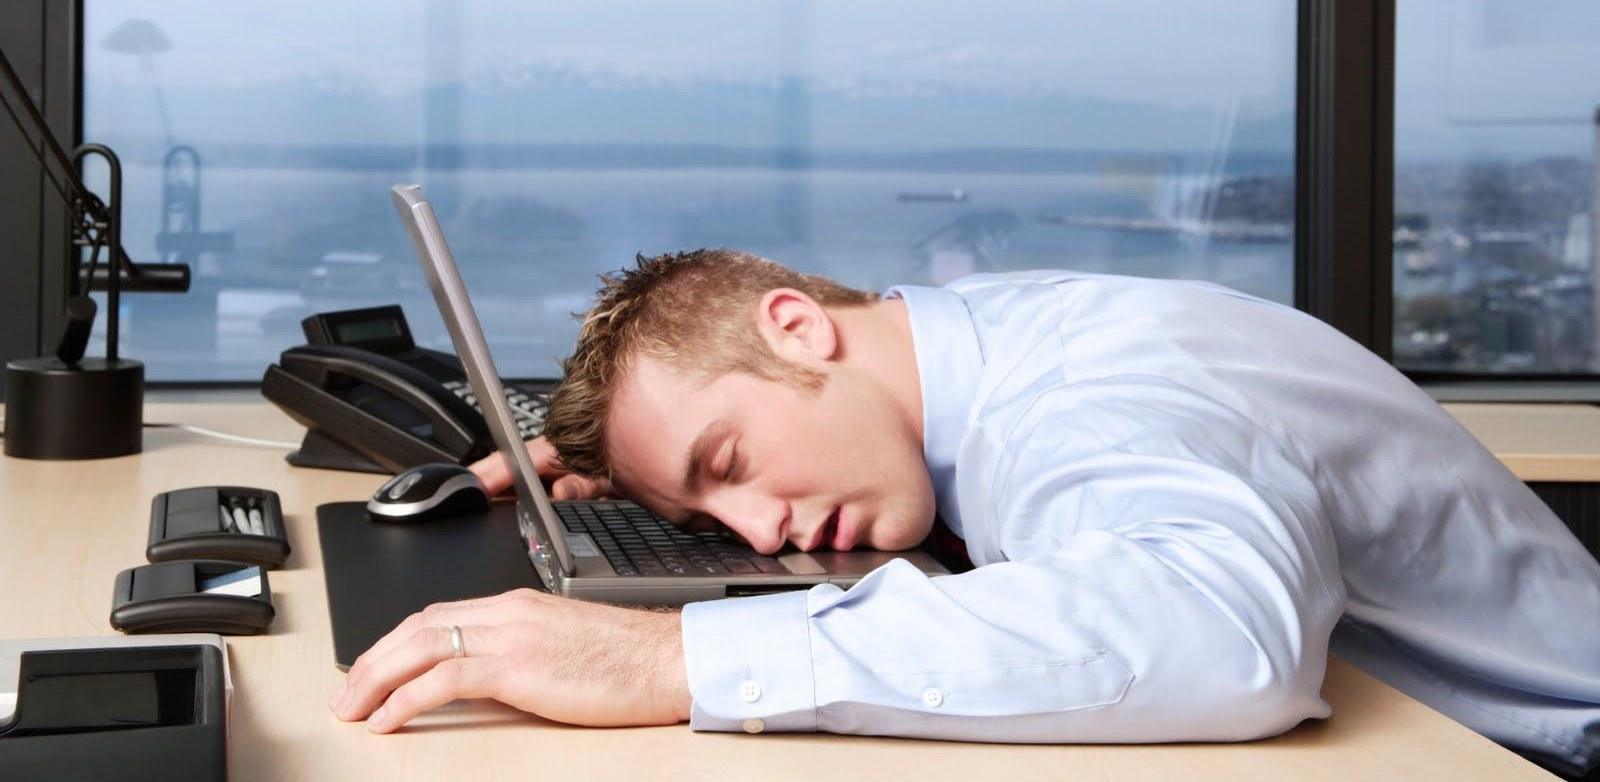 النوم أثناء العمل